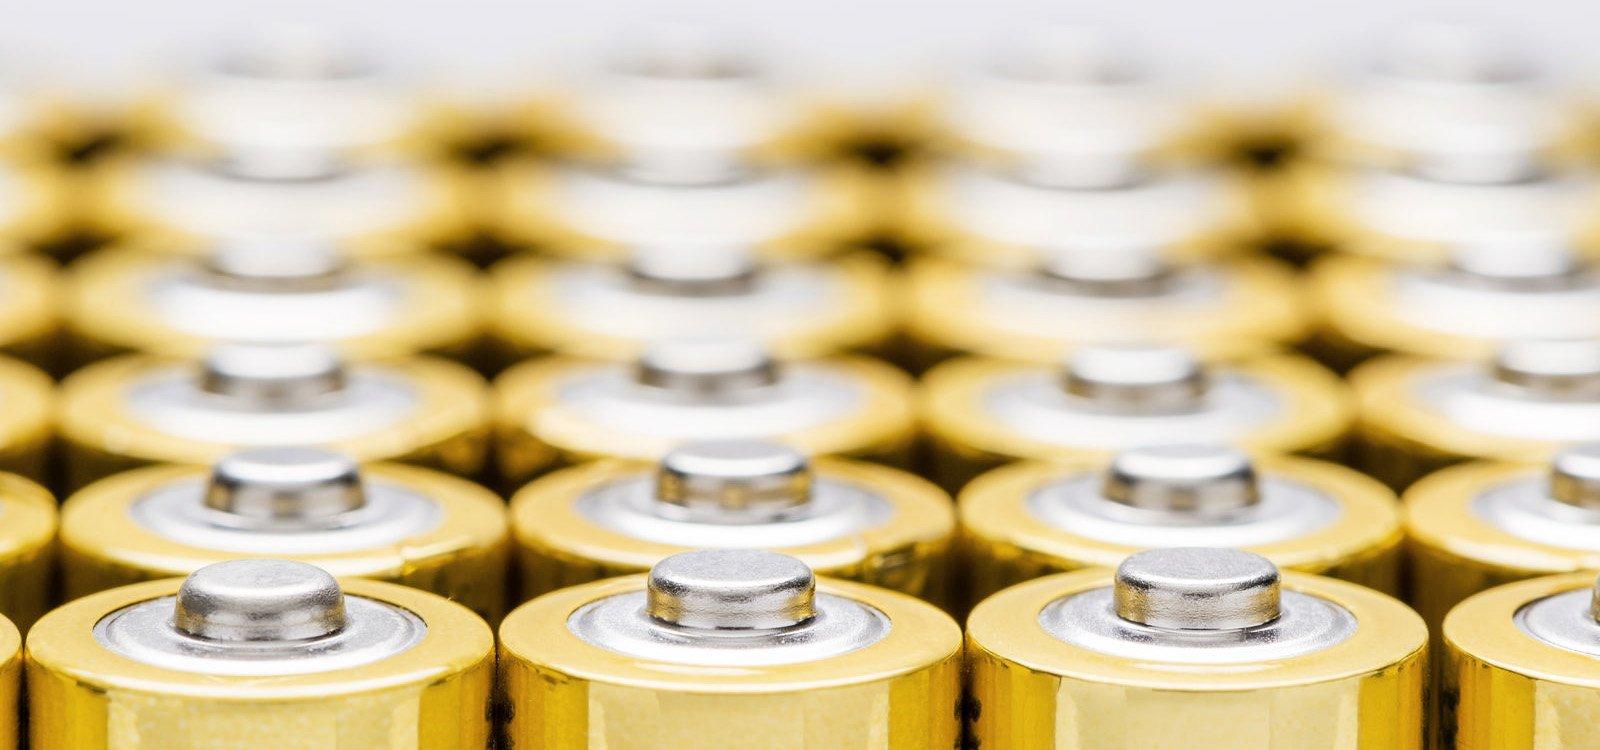 <p>Naukowcy studiują zachowanie jonów złota w płynie, co może ułatwić zwiększenie wydajności akumulatorów.</p>